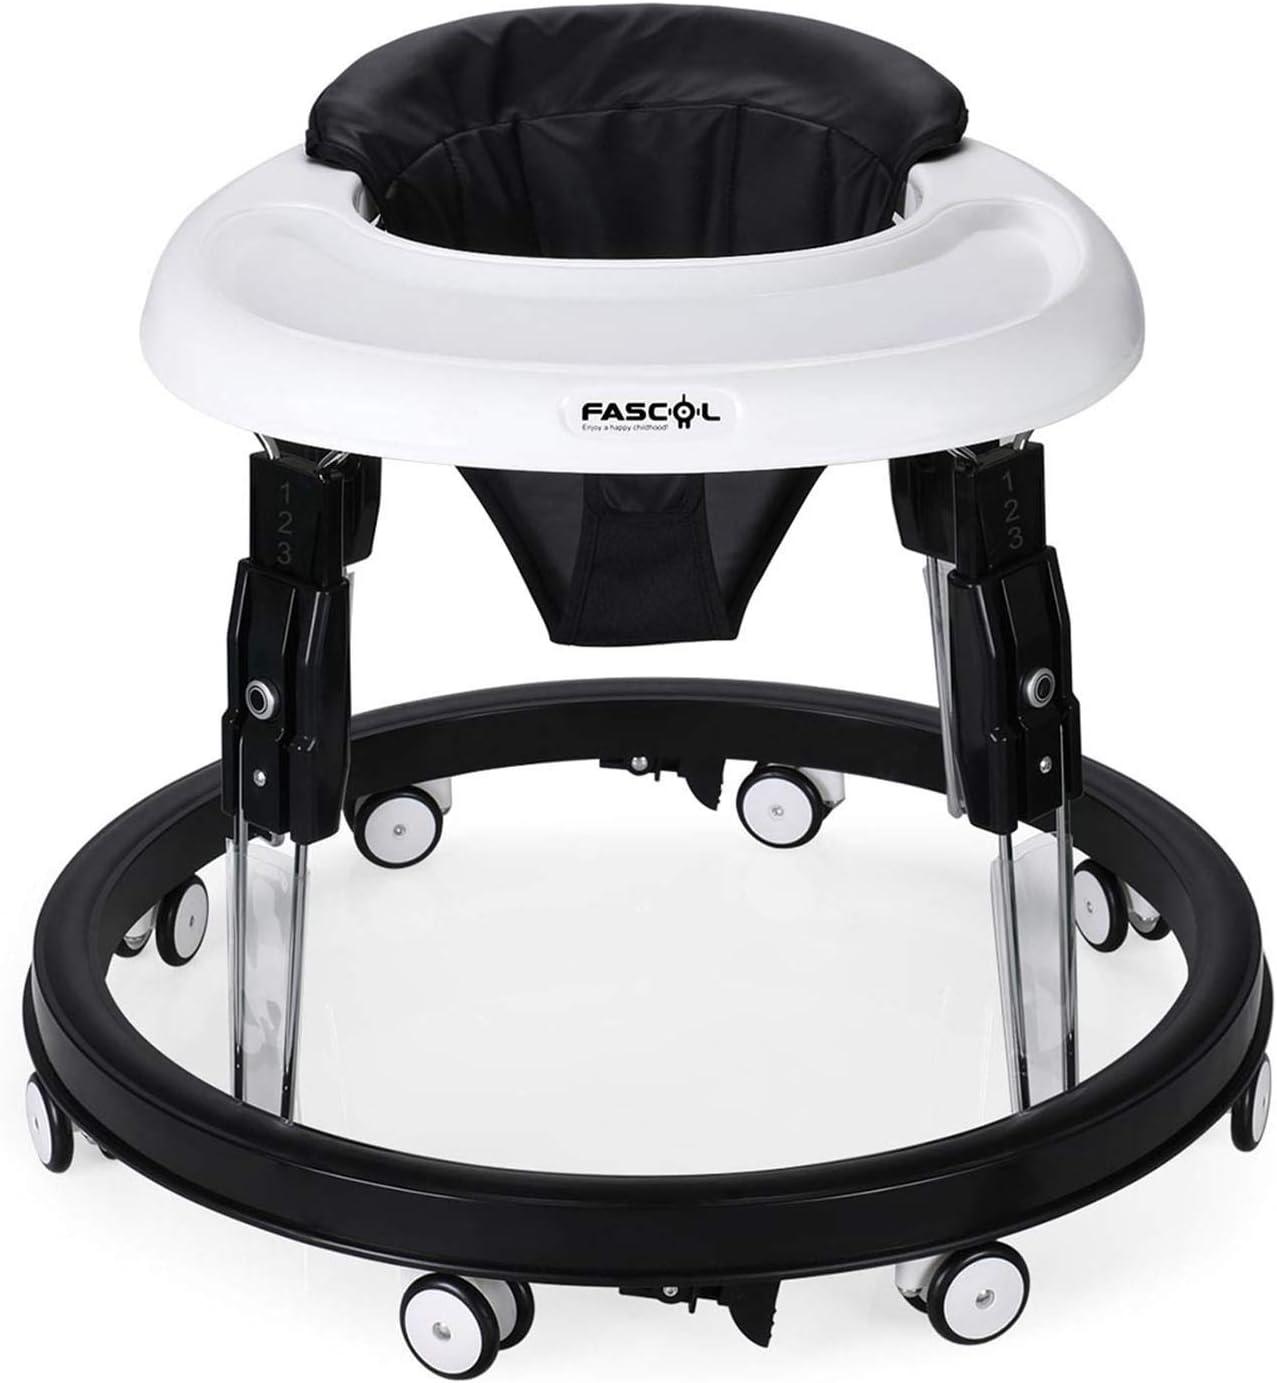 Fascol Andador Bebe,Plegable Caminador con Plato Desmontable y 8 Ruedas Silenciosas para Bebes Mayores de 8 Meses